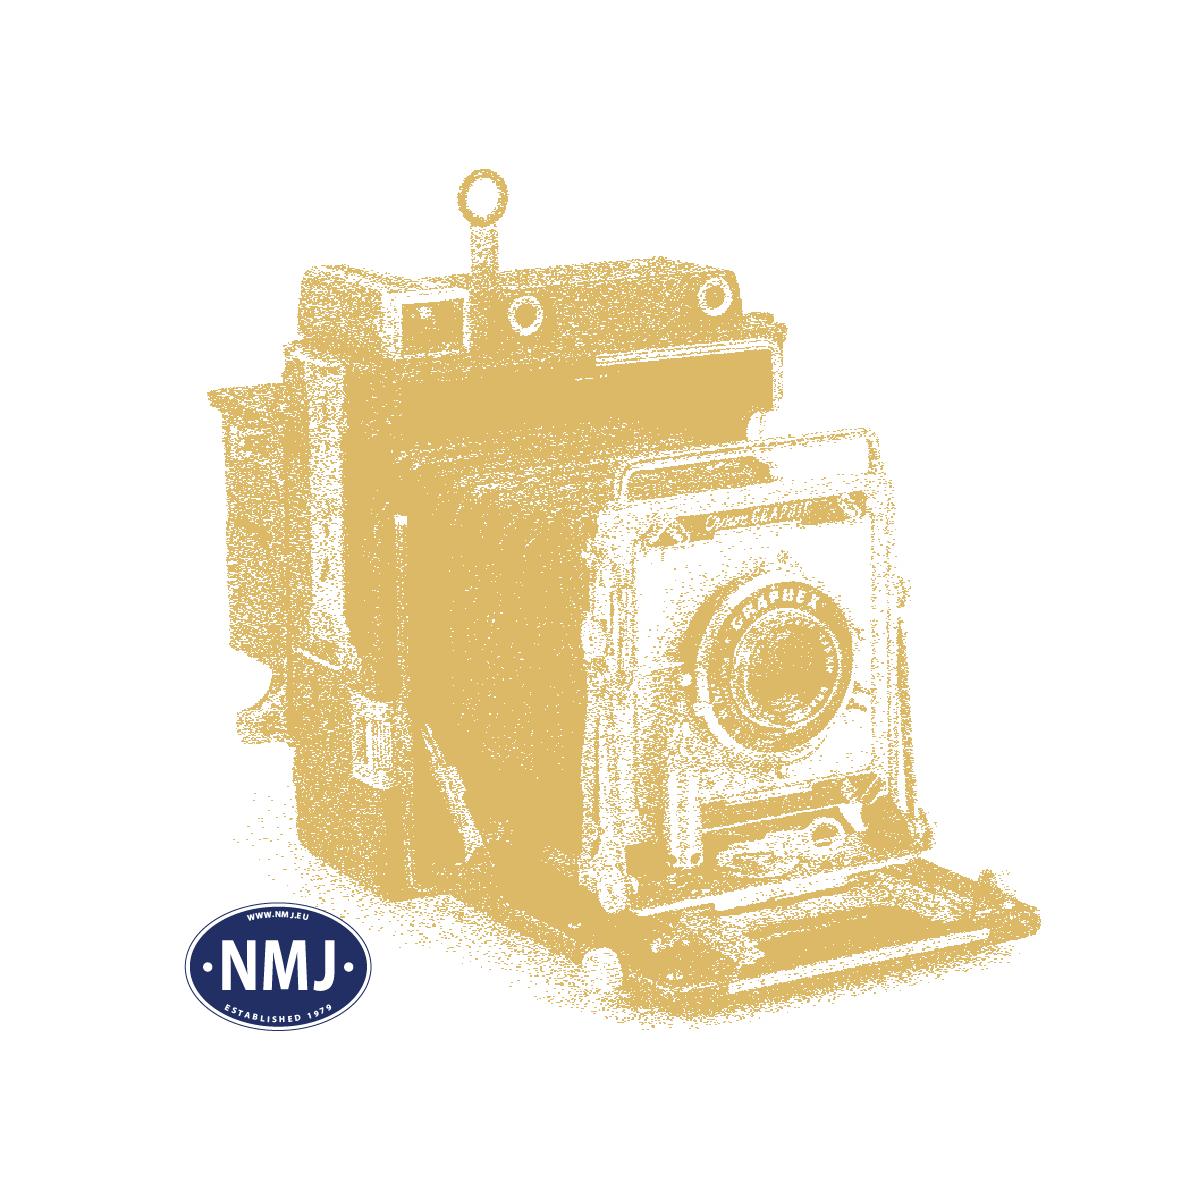 NMJT504.303 - NMJ Topline NSB G5 44252, type 3, Original Versjon